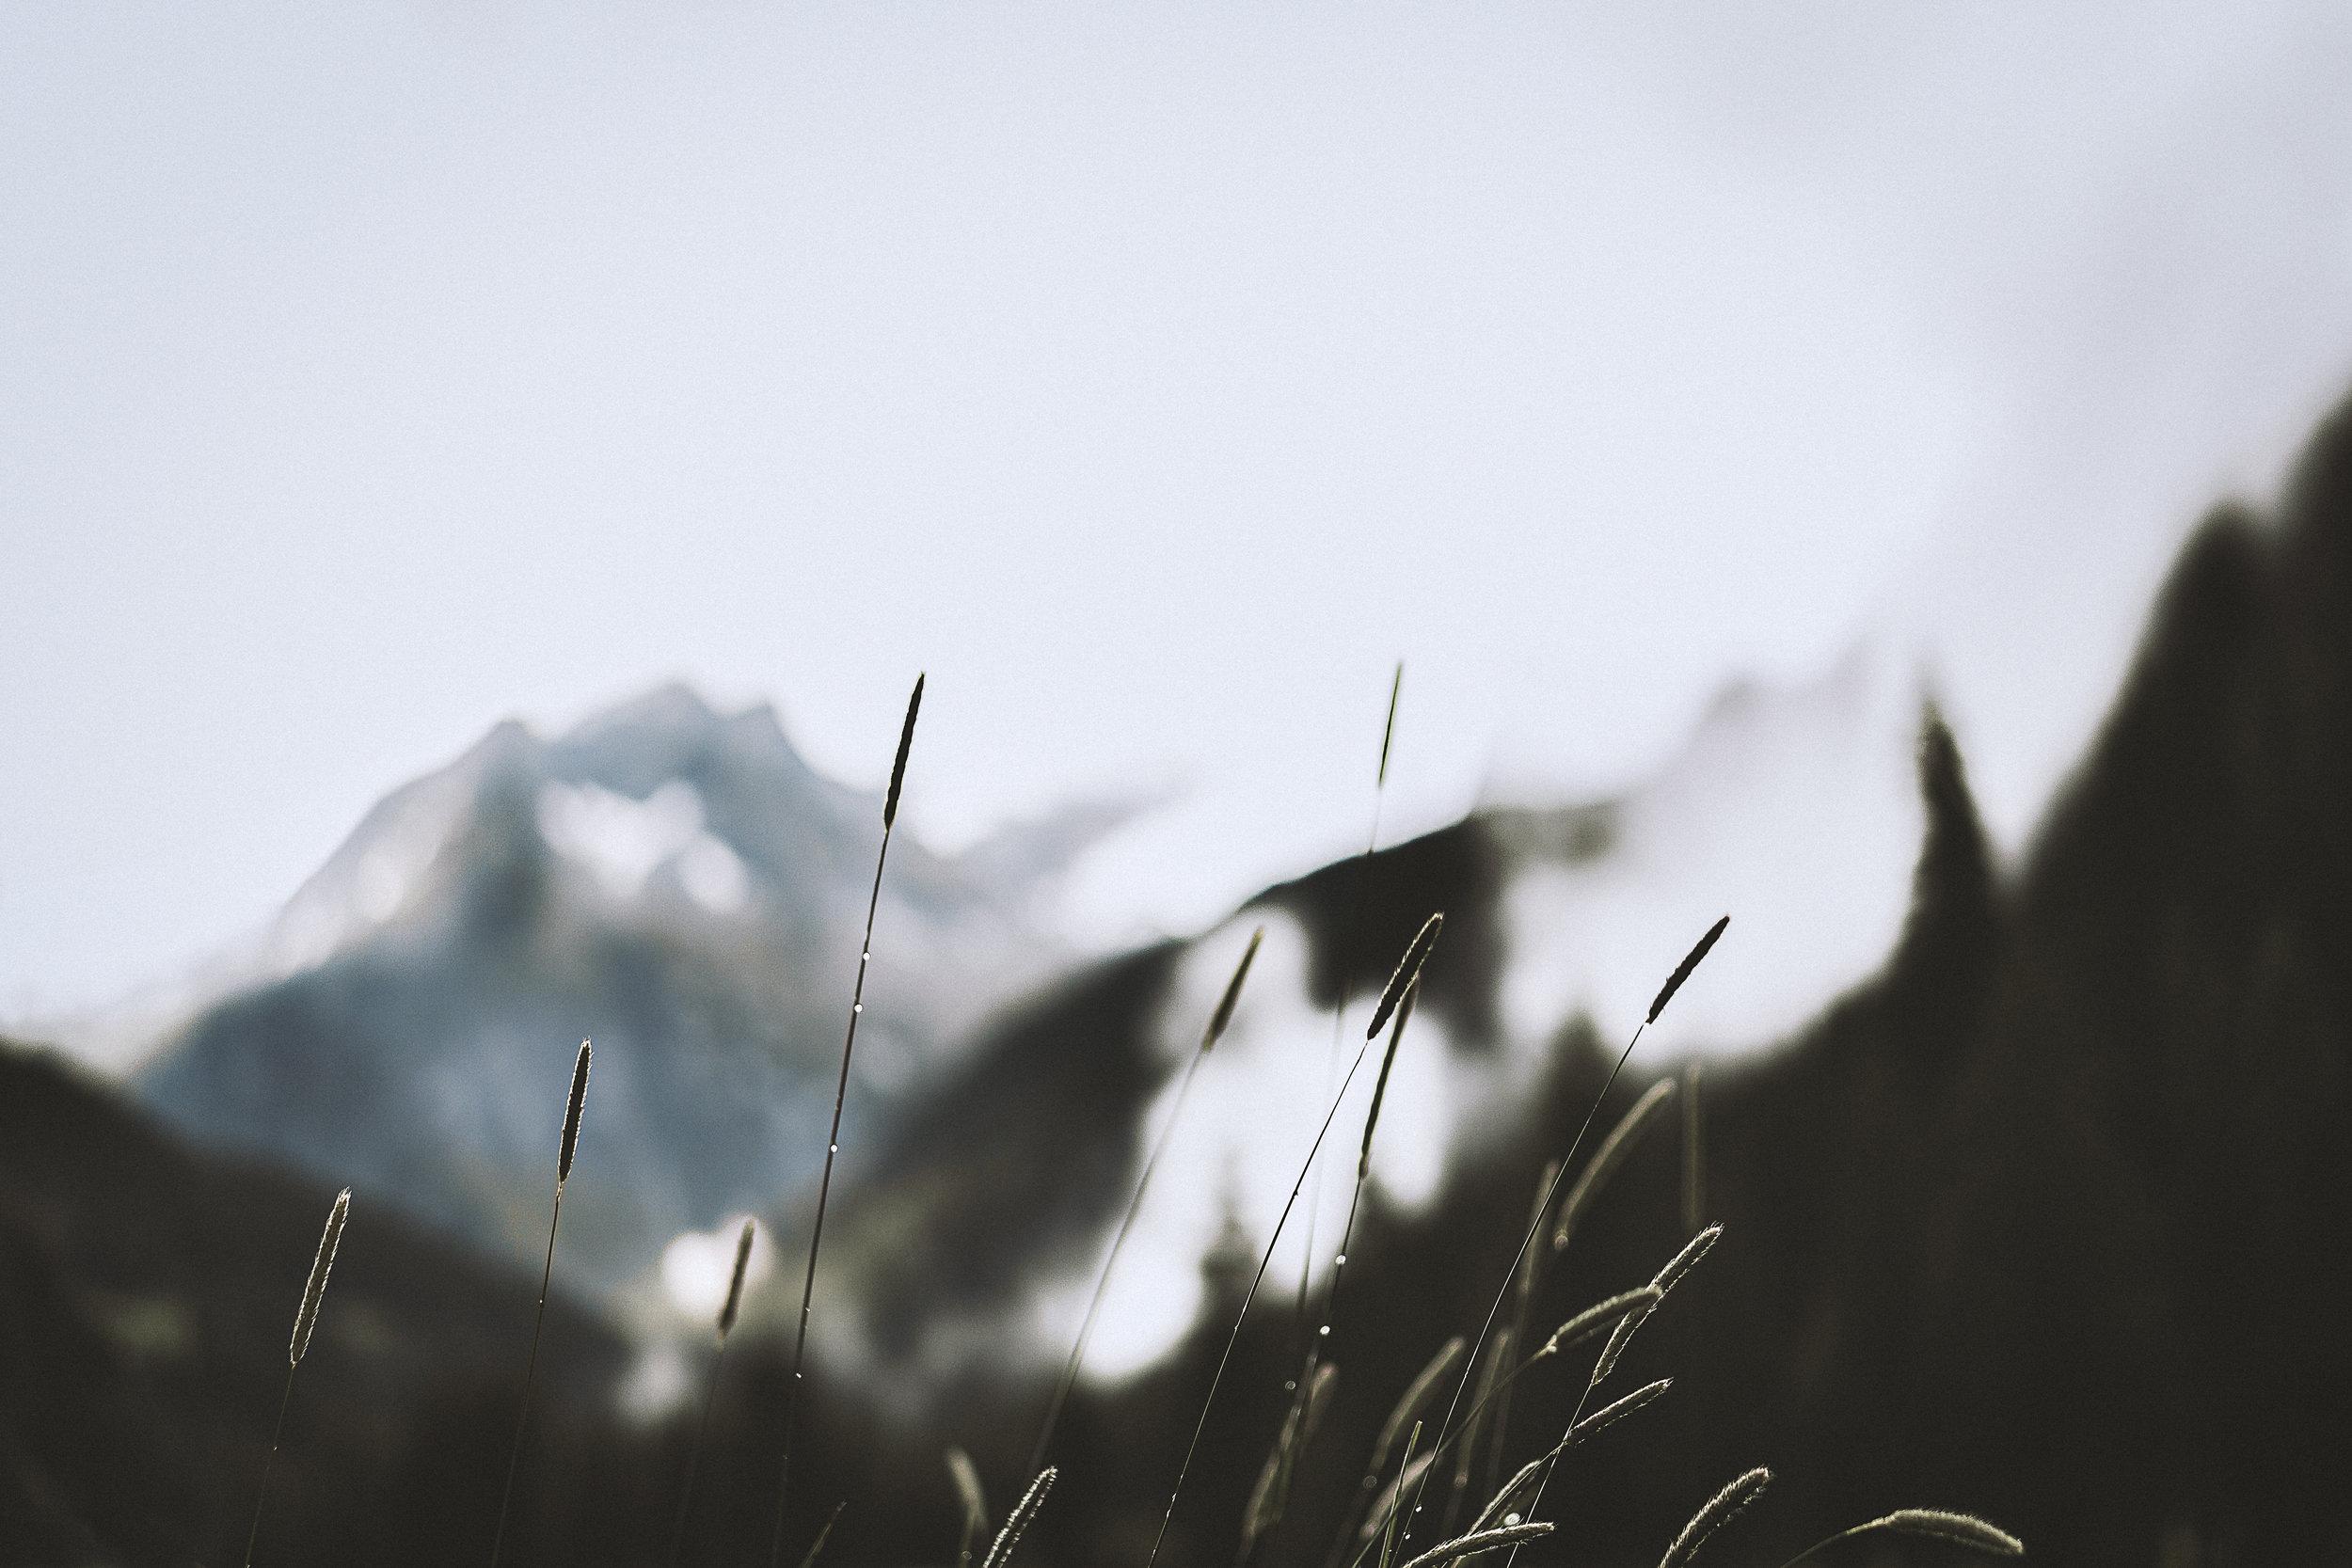 Atme und lass sein. - Jon Kabat-Zinn